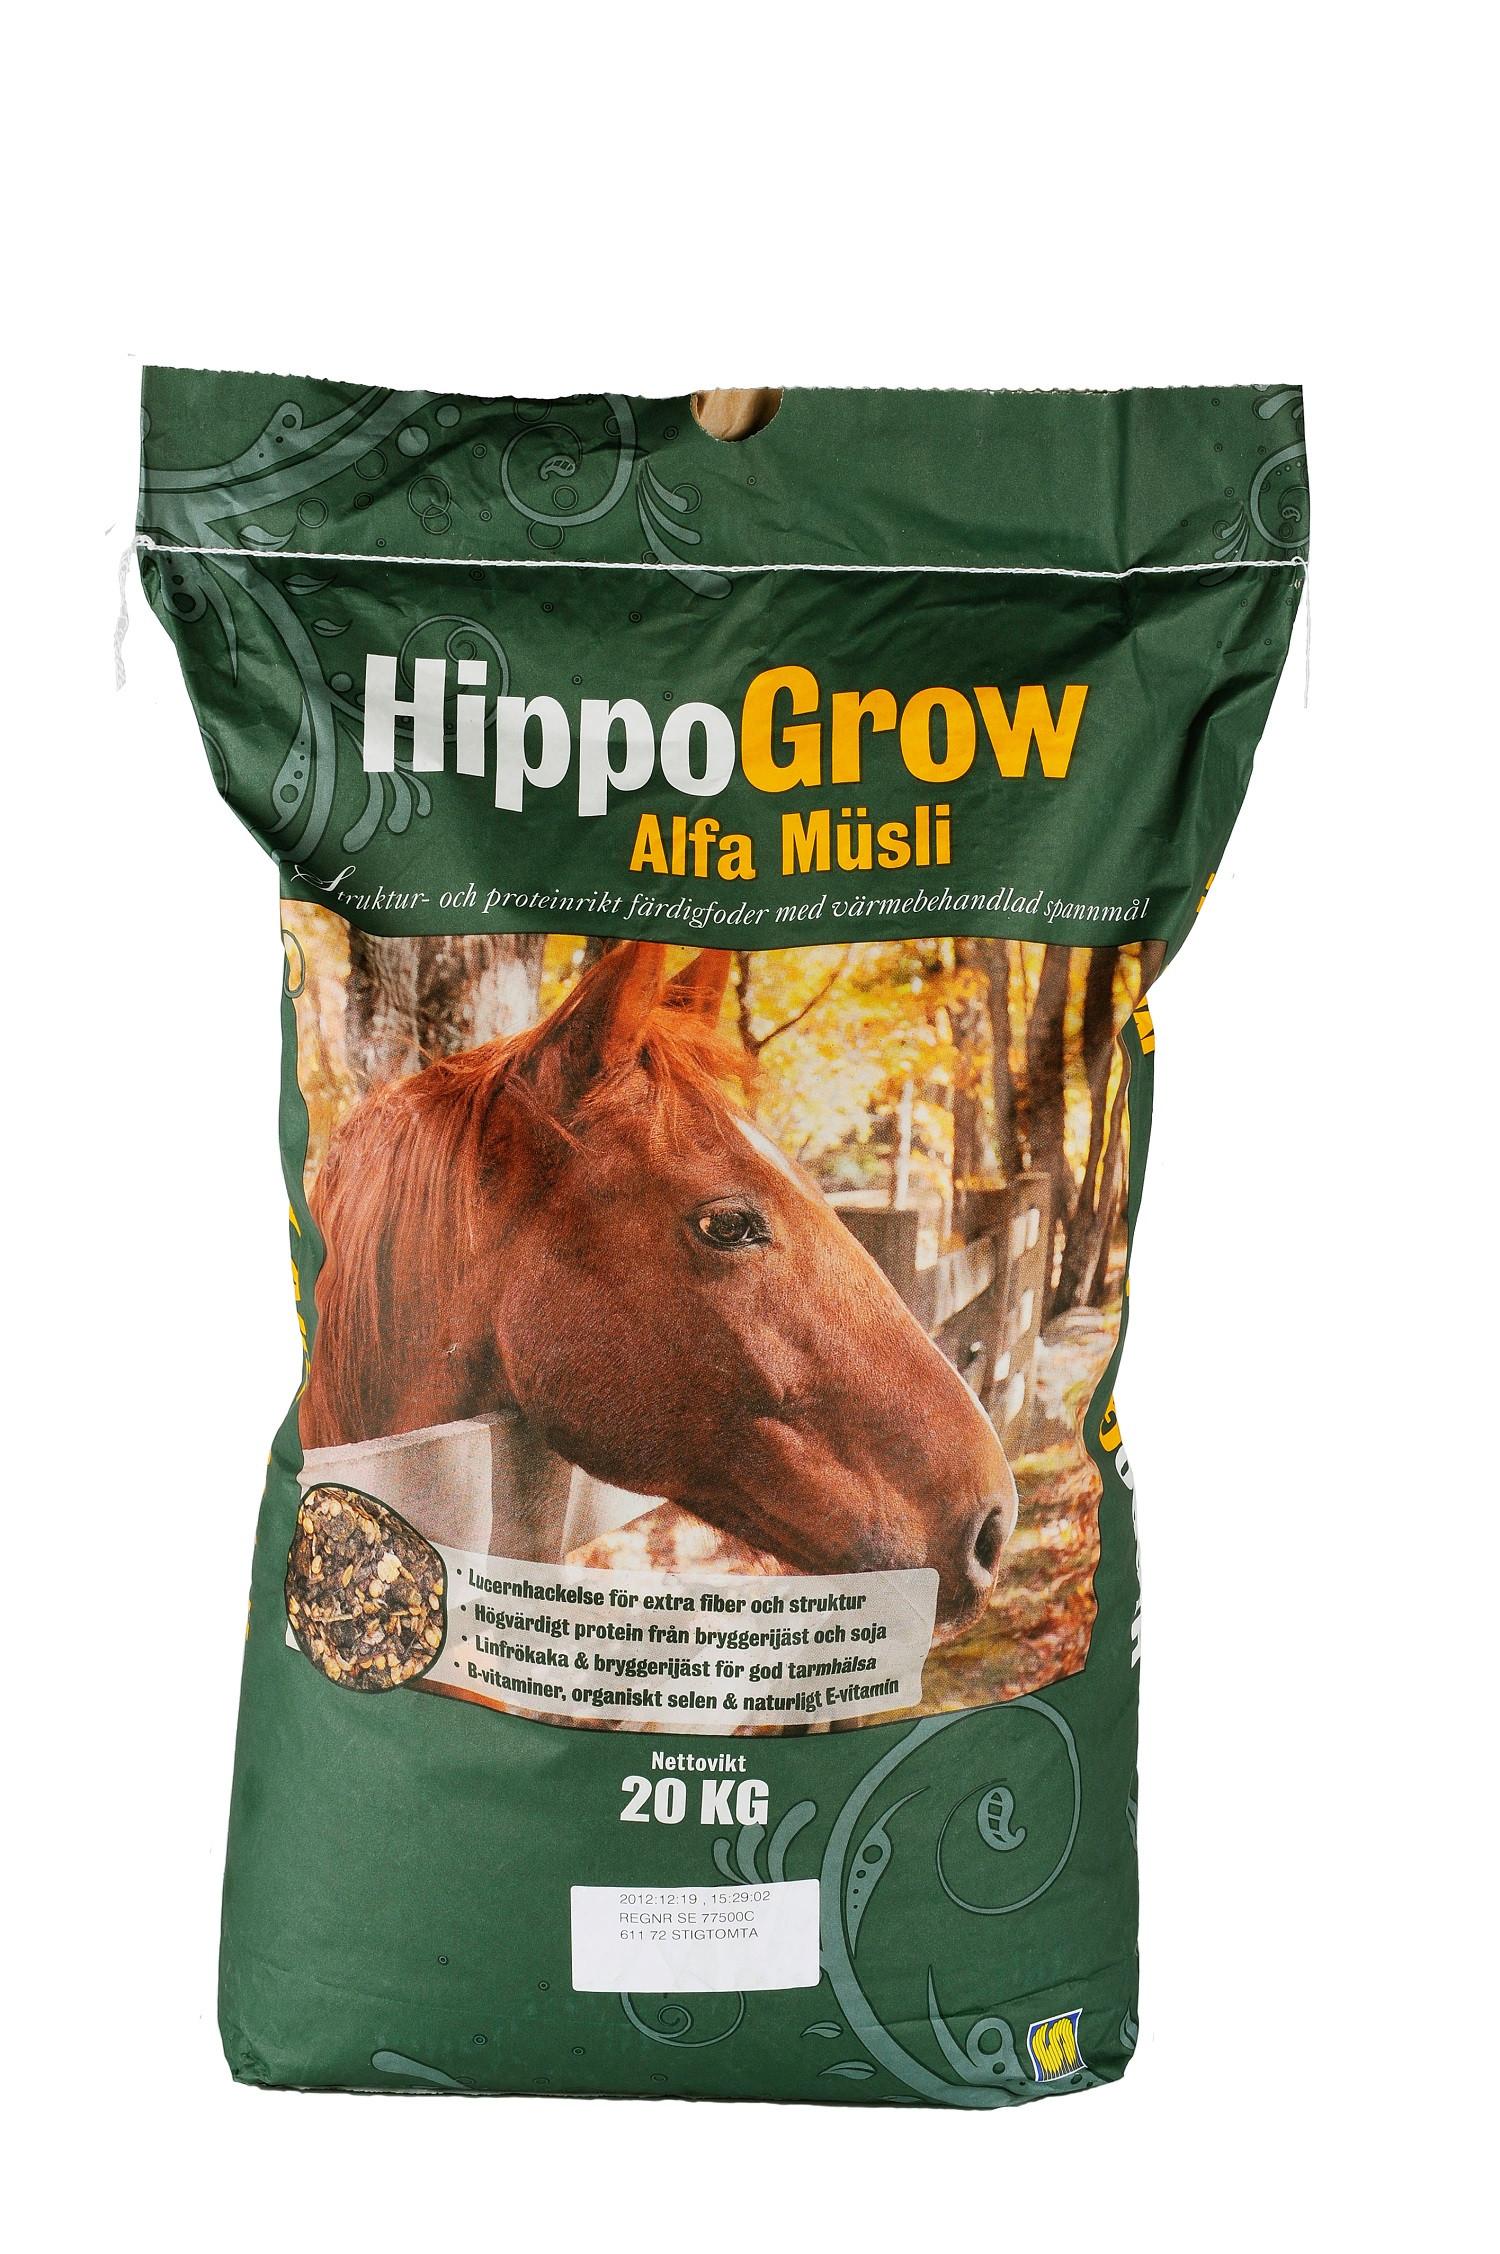 hippo grow alfa